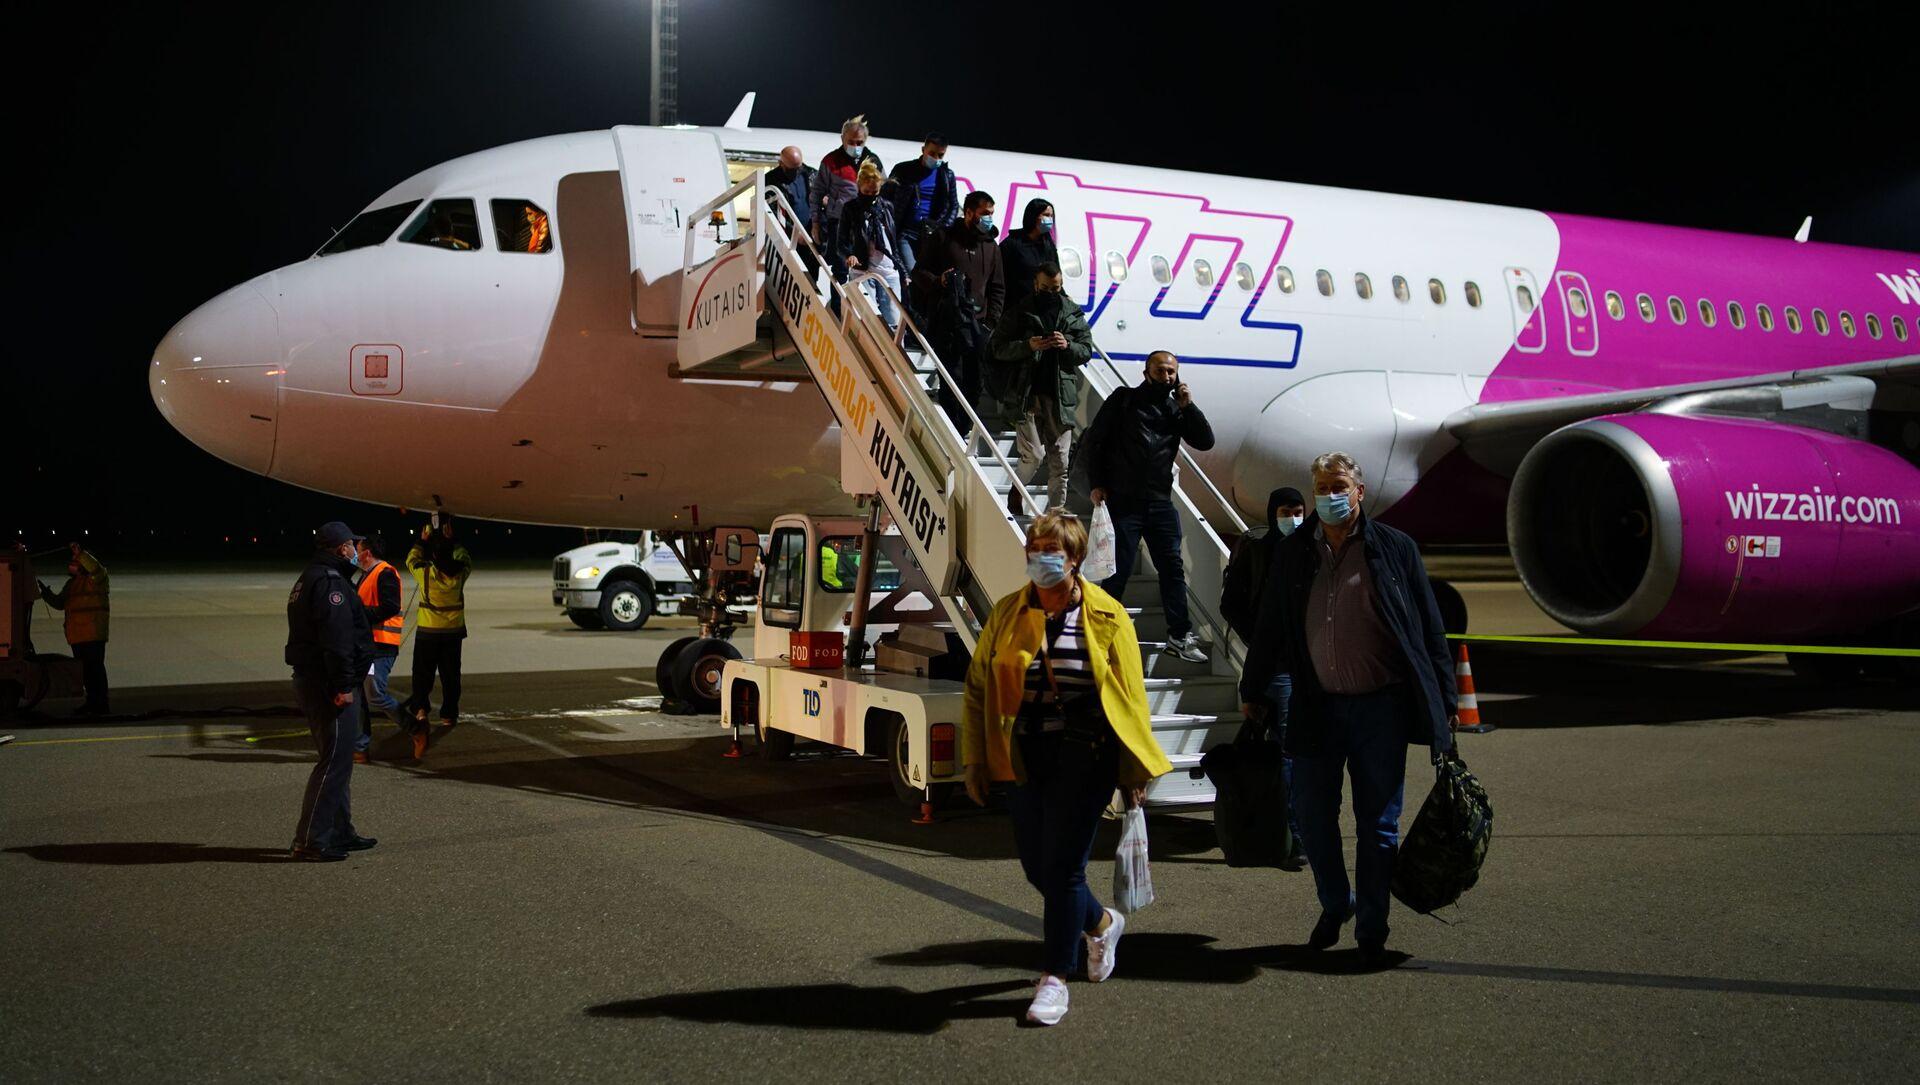 Кутаисский международный аэропорт Пассажирский самолет компании WizzAir - Sputnik Грузия, 1920, 28.07.2021